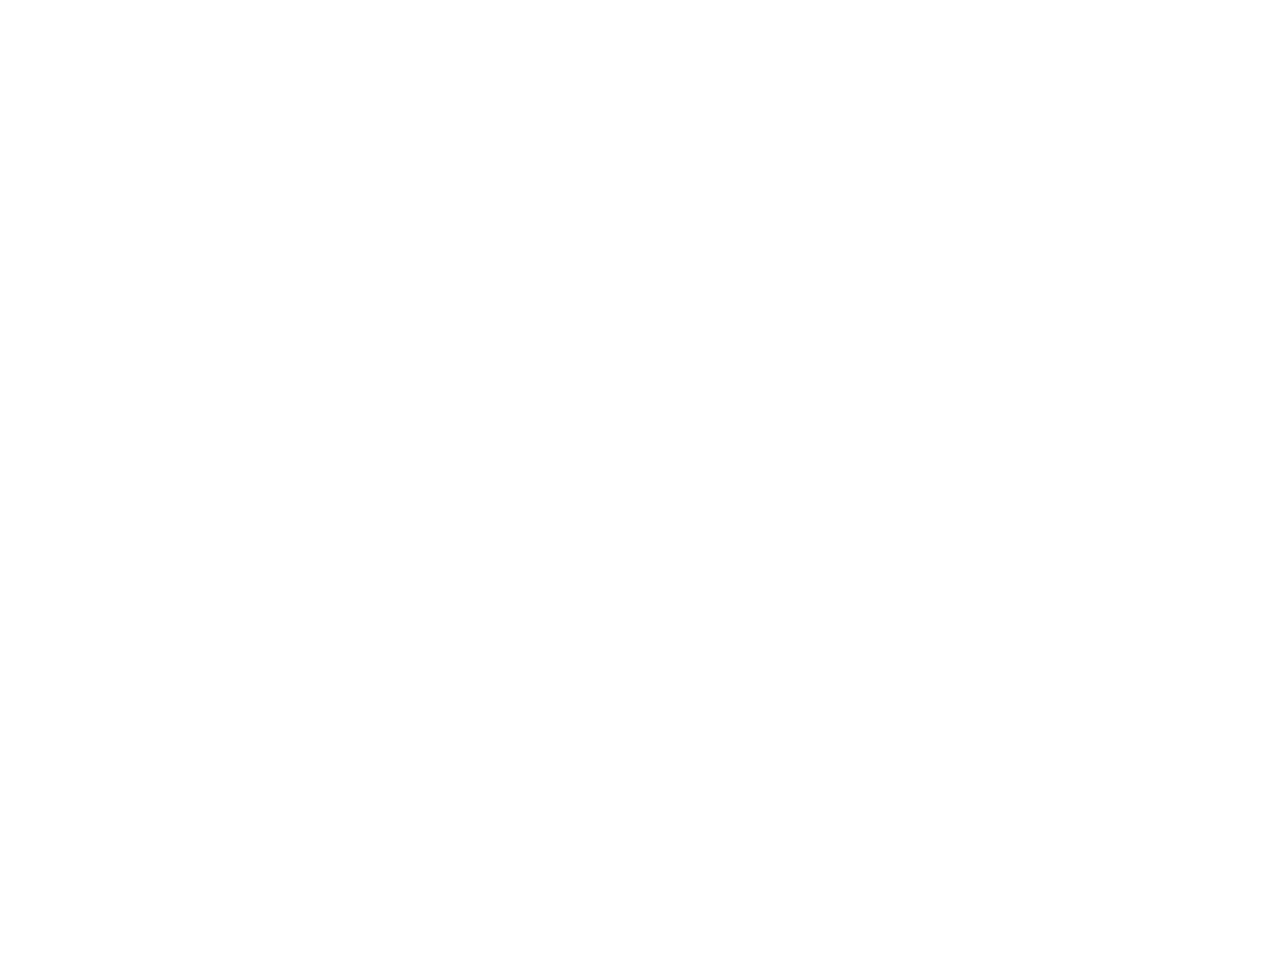 生島歯科医院 (大阪府大阪市旭区)